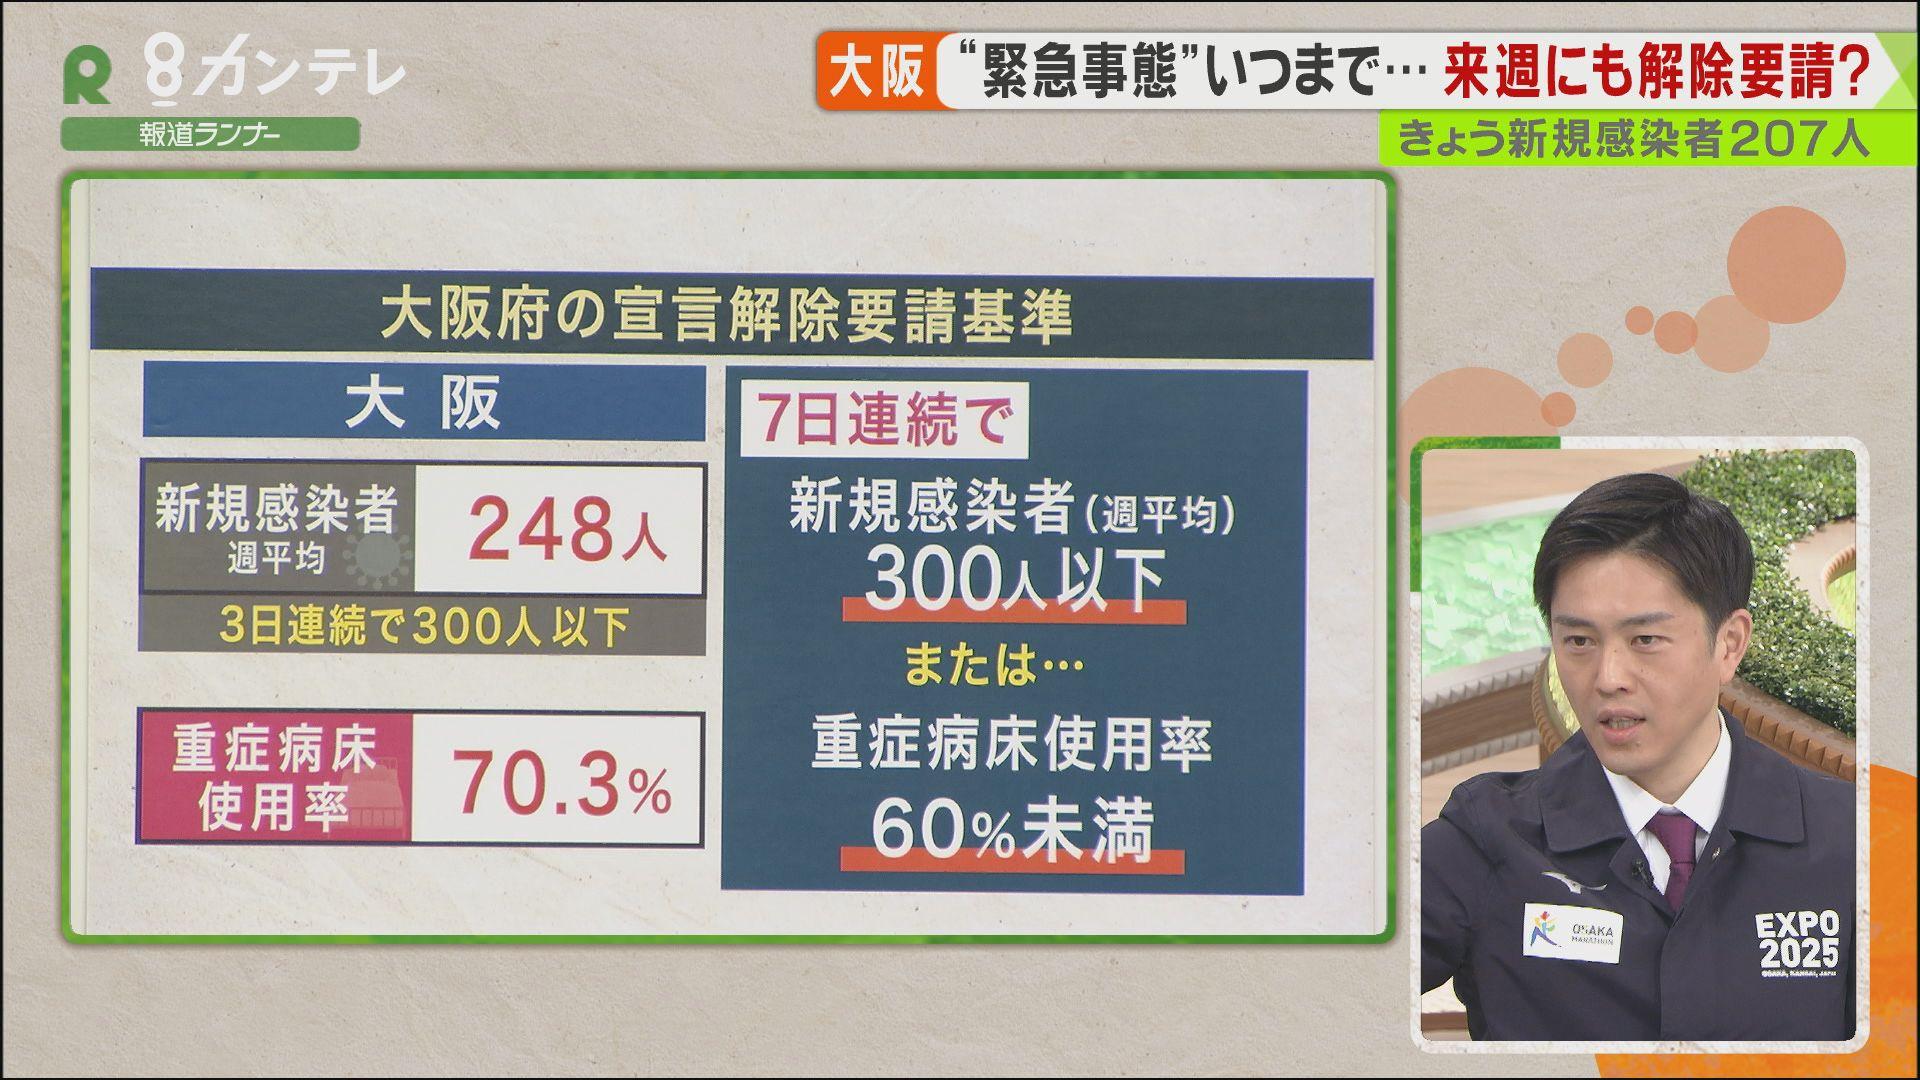 大阪 緊急 事態 宣言 解除 関西など6府県で解除...